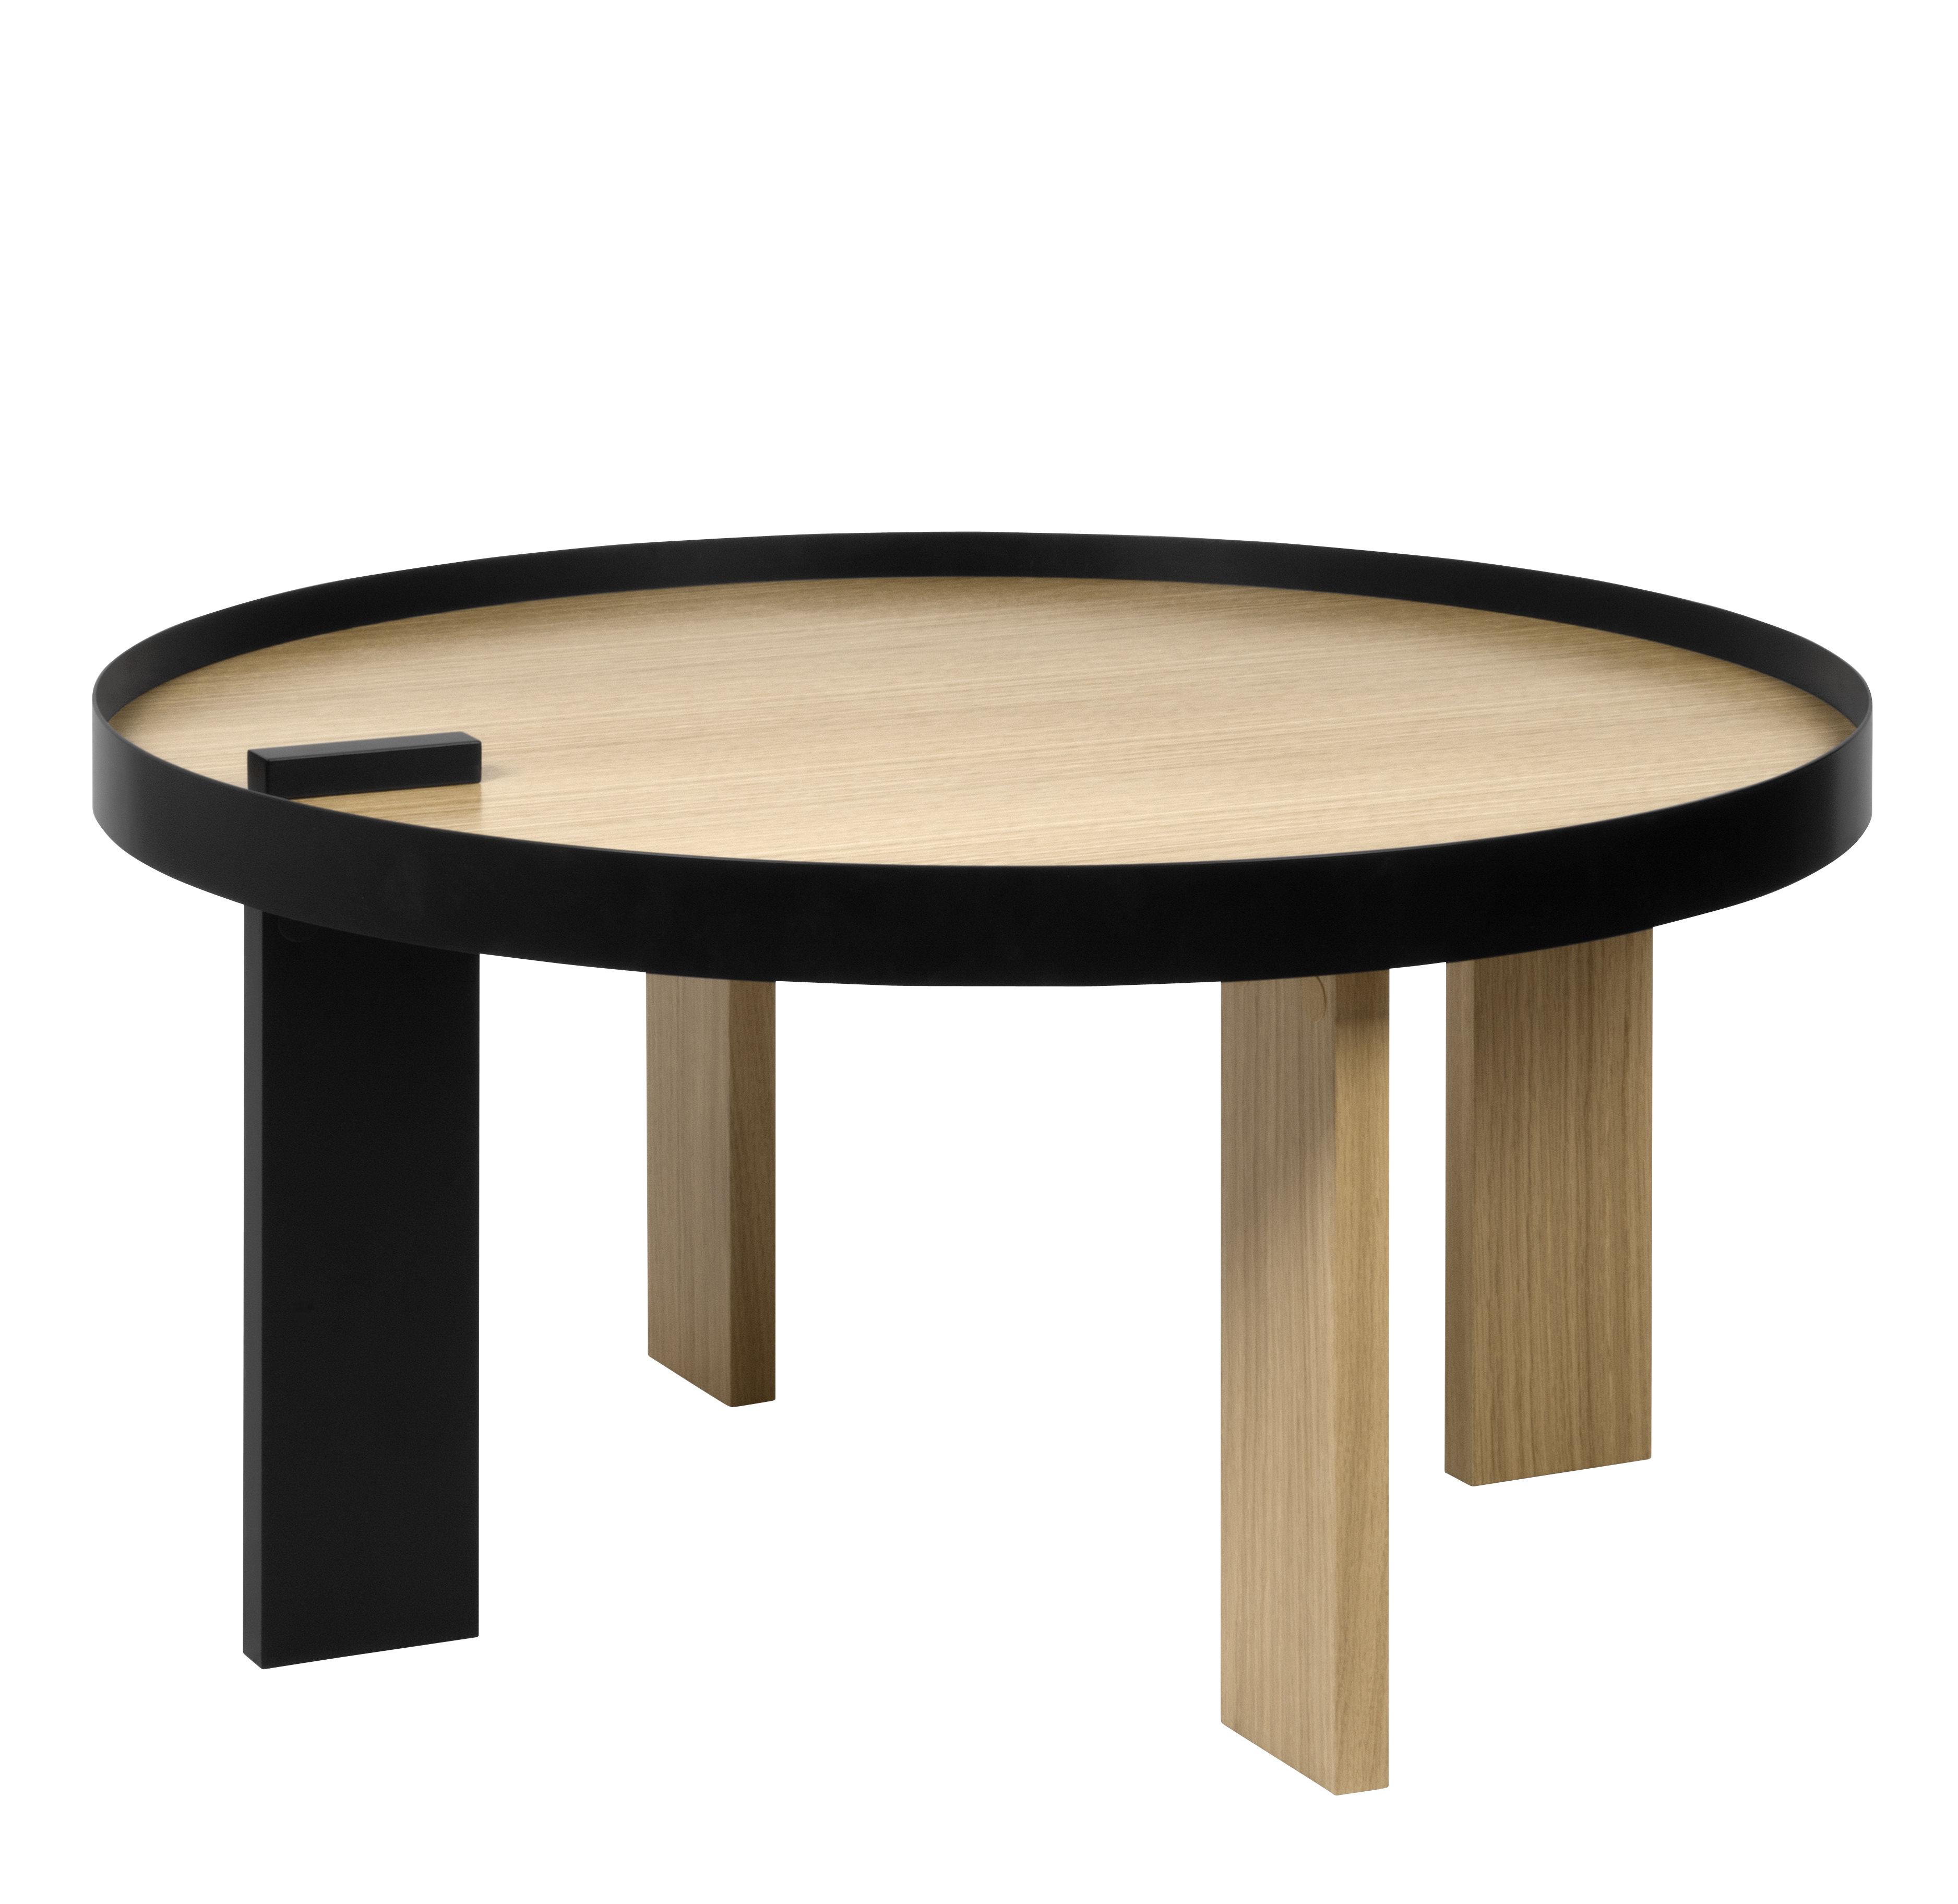 Mobilier - Tables basses - Table basse Tokyo / Bois & Métal - Ø 80 x H 42 cm - POP UP HOME - Chêne & Noir - Métal laqué, Panneaux alvéolaires